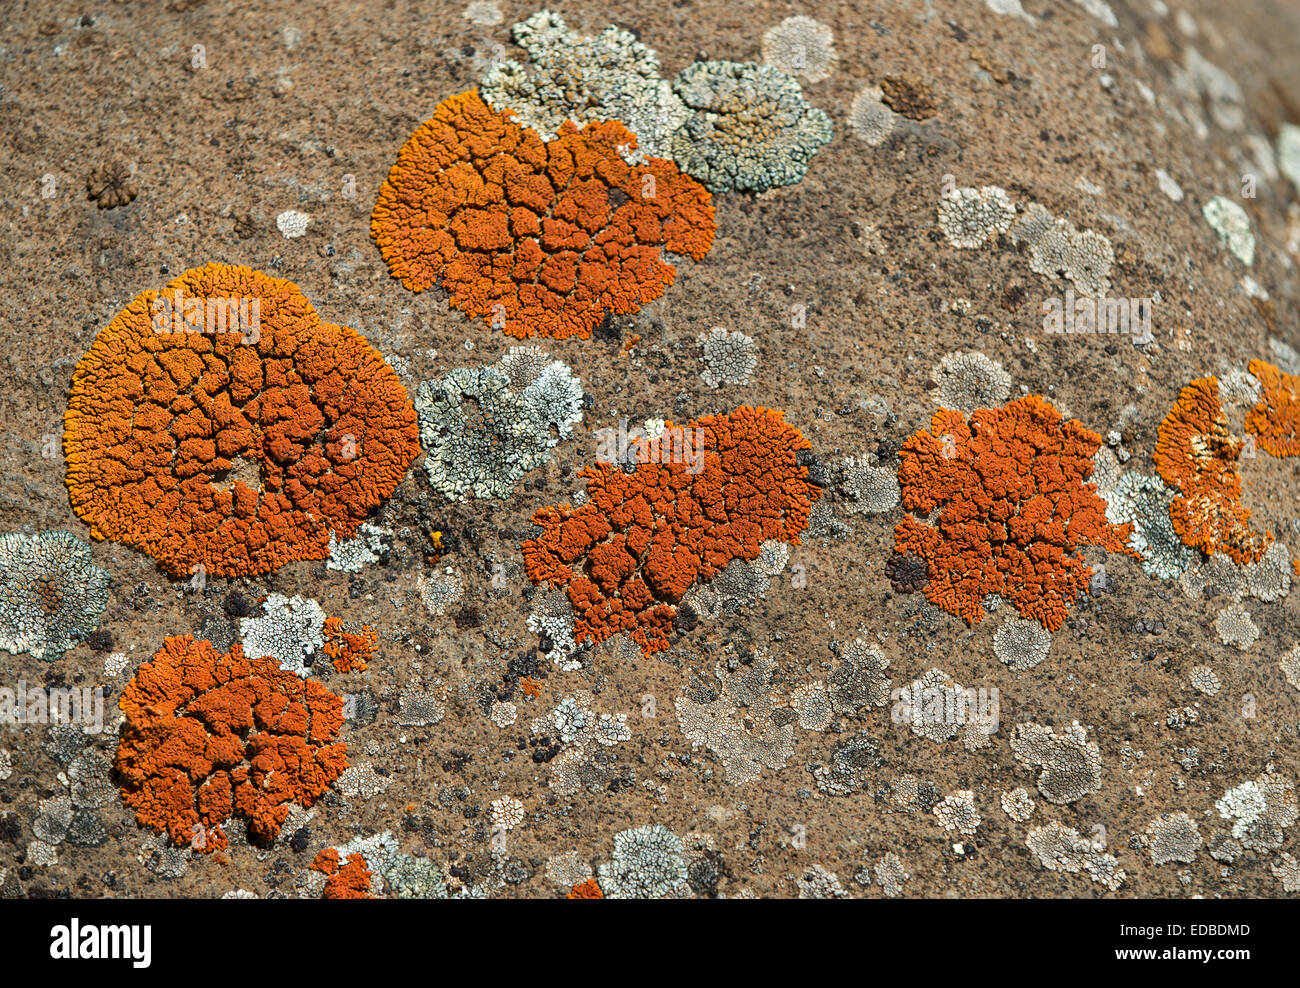 Orange Lichen (Caloplaca spec), Ethiopia - Stock Image